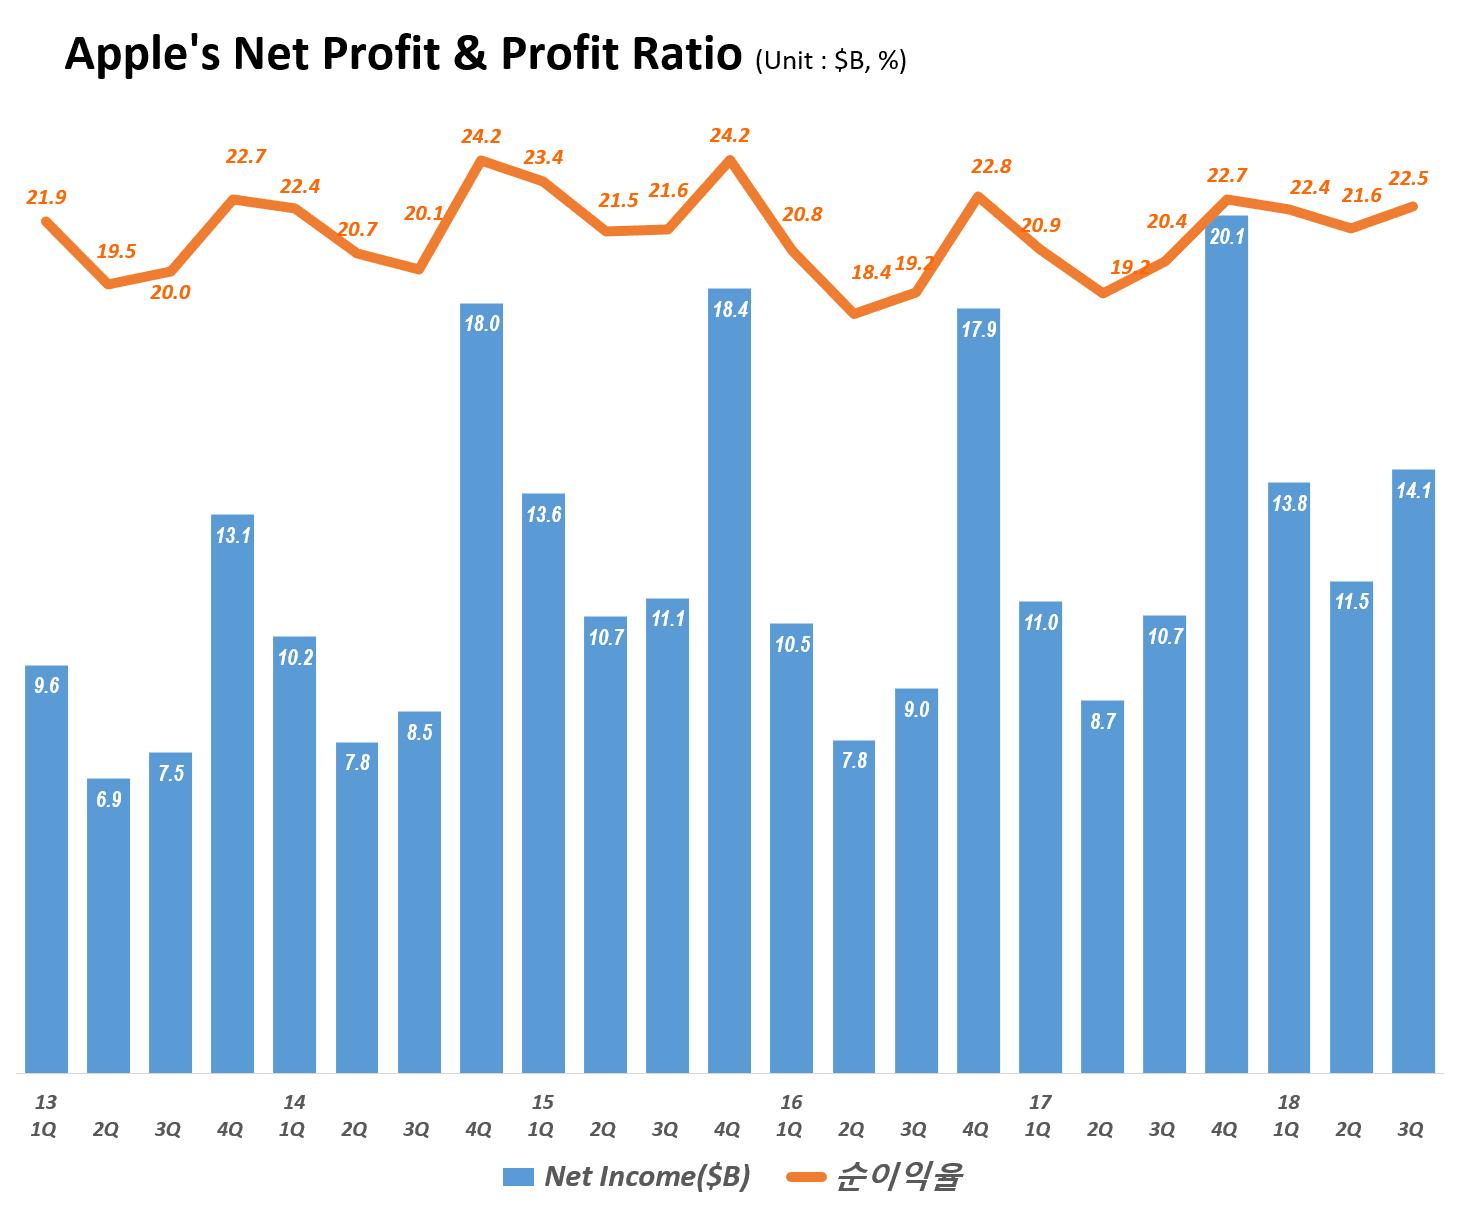 분기별 애플 순이익 및 순이익율 추이(2013년 1분기~2018년 3분기) Quarterly Apple's Net Profit & Profit Ratio, Graph by Happist